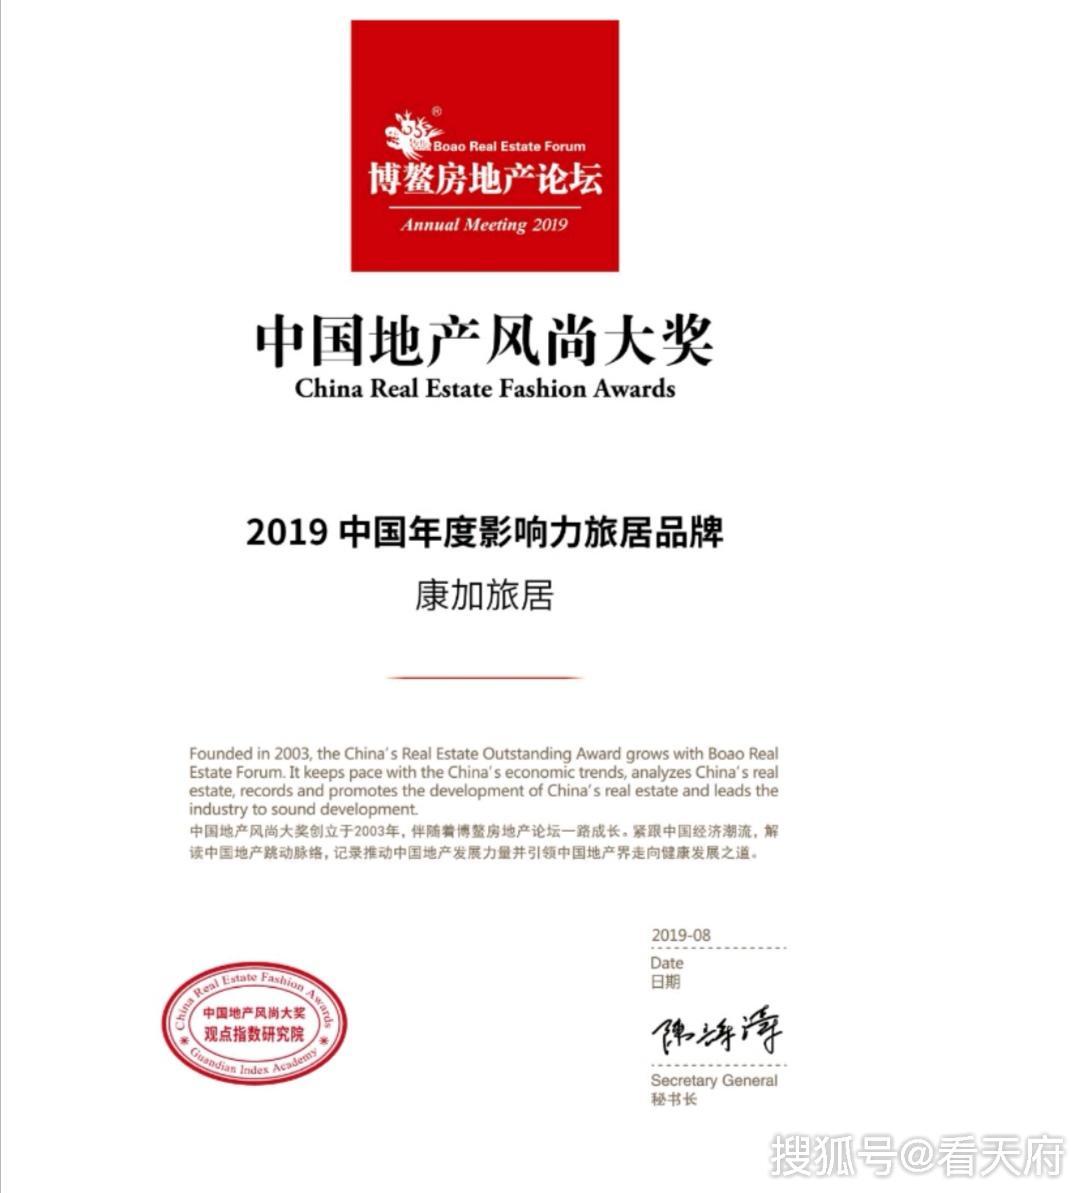 <b>康加旅居荣膺博鳌房地产论坛2019年中国年度影响力旅居品牌</b>